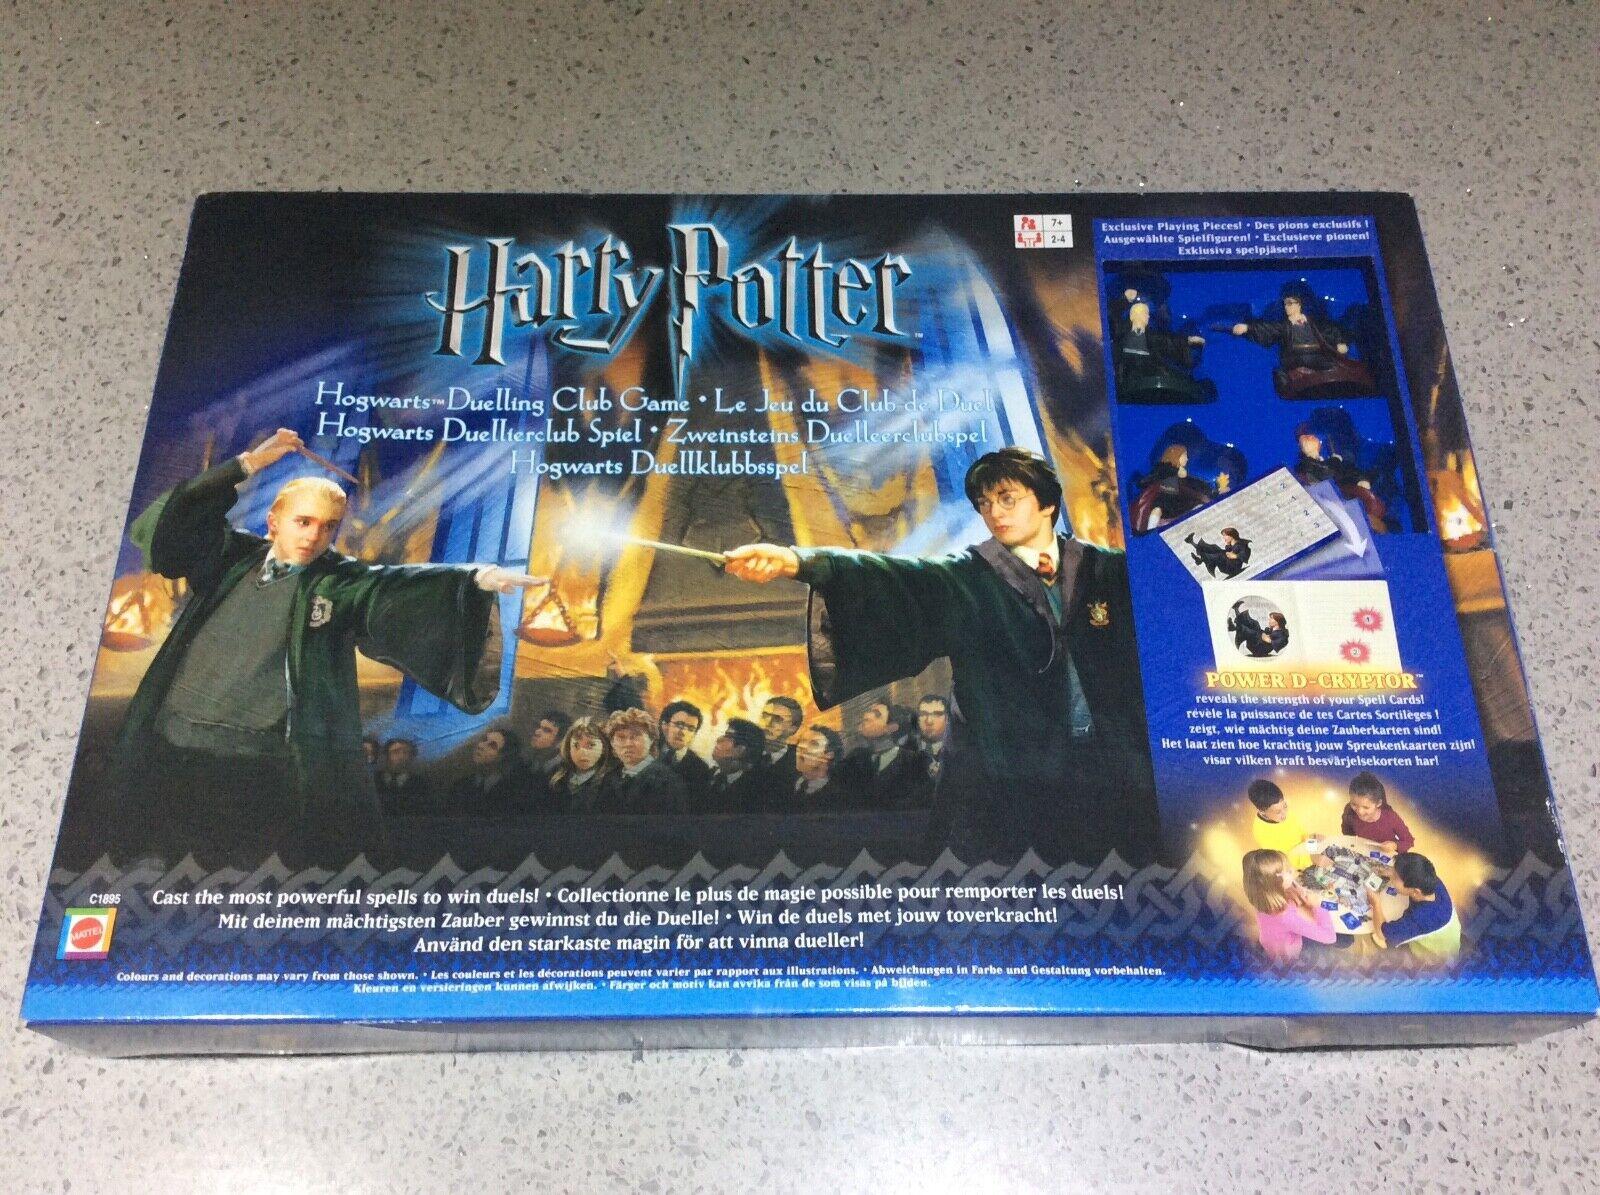 Harry Potter Hogwarts duello di CLUB GIOCO by Mattel, 2003-NUOVO  SIGILLATO